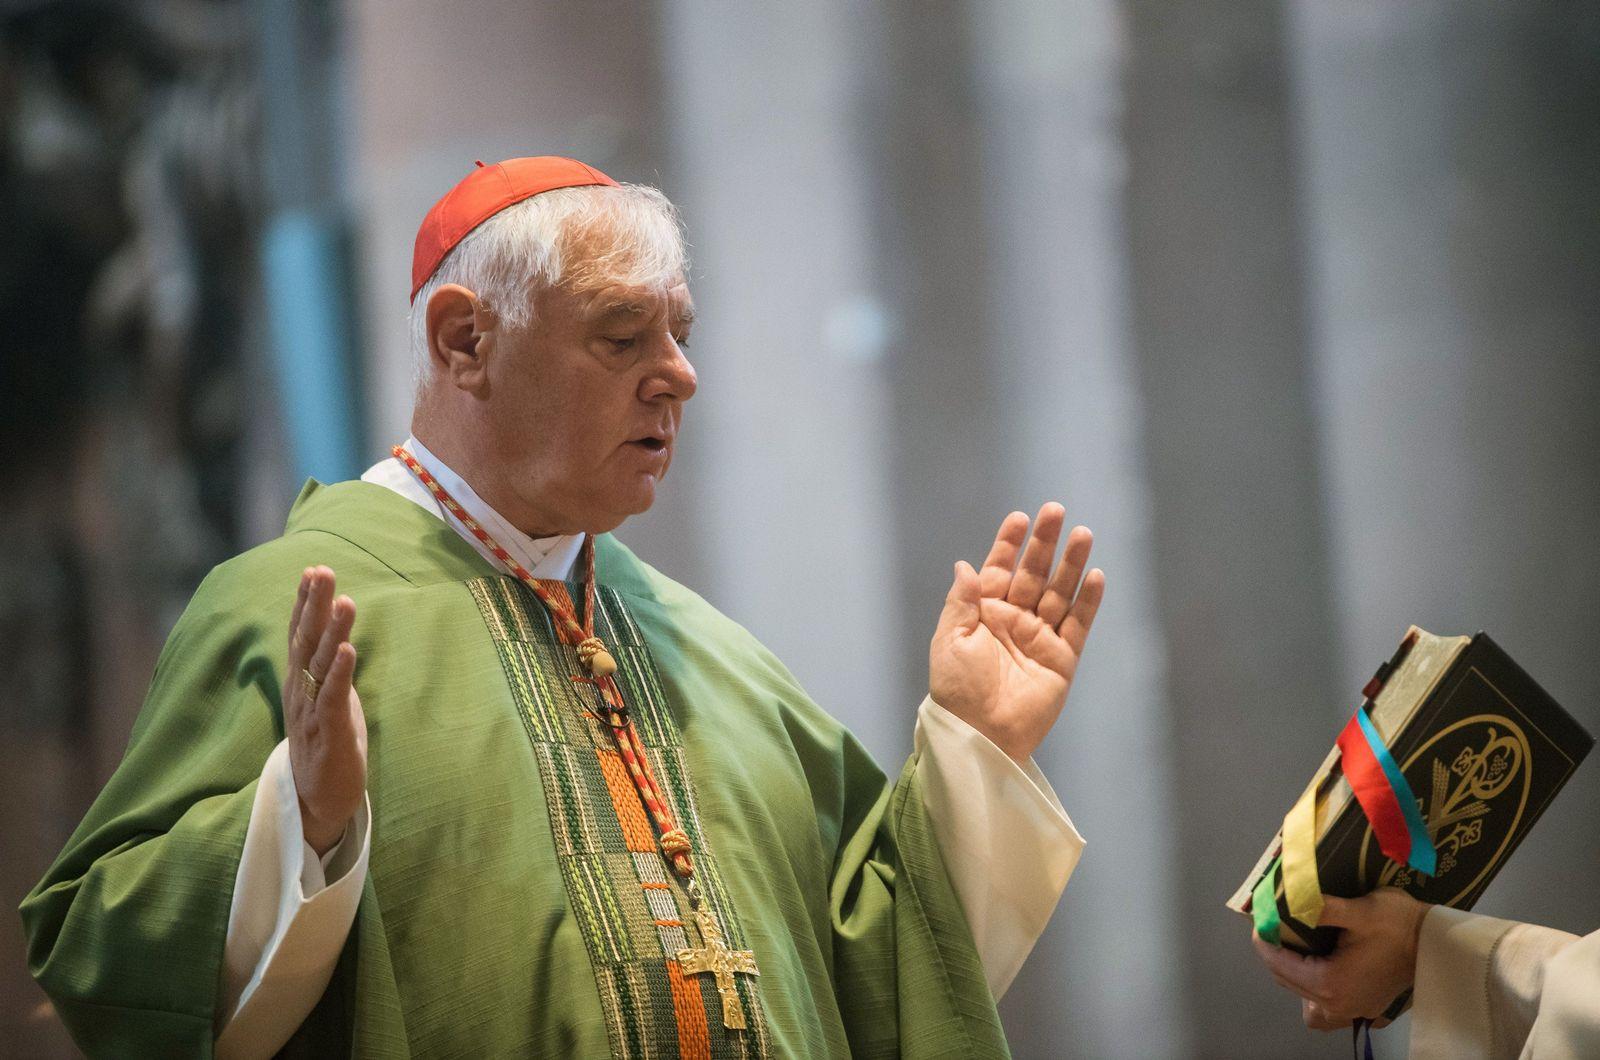 Papst trennt sich von Glaubenskongregation-Chef Müller